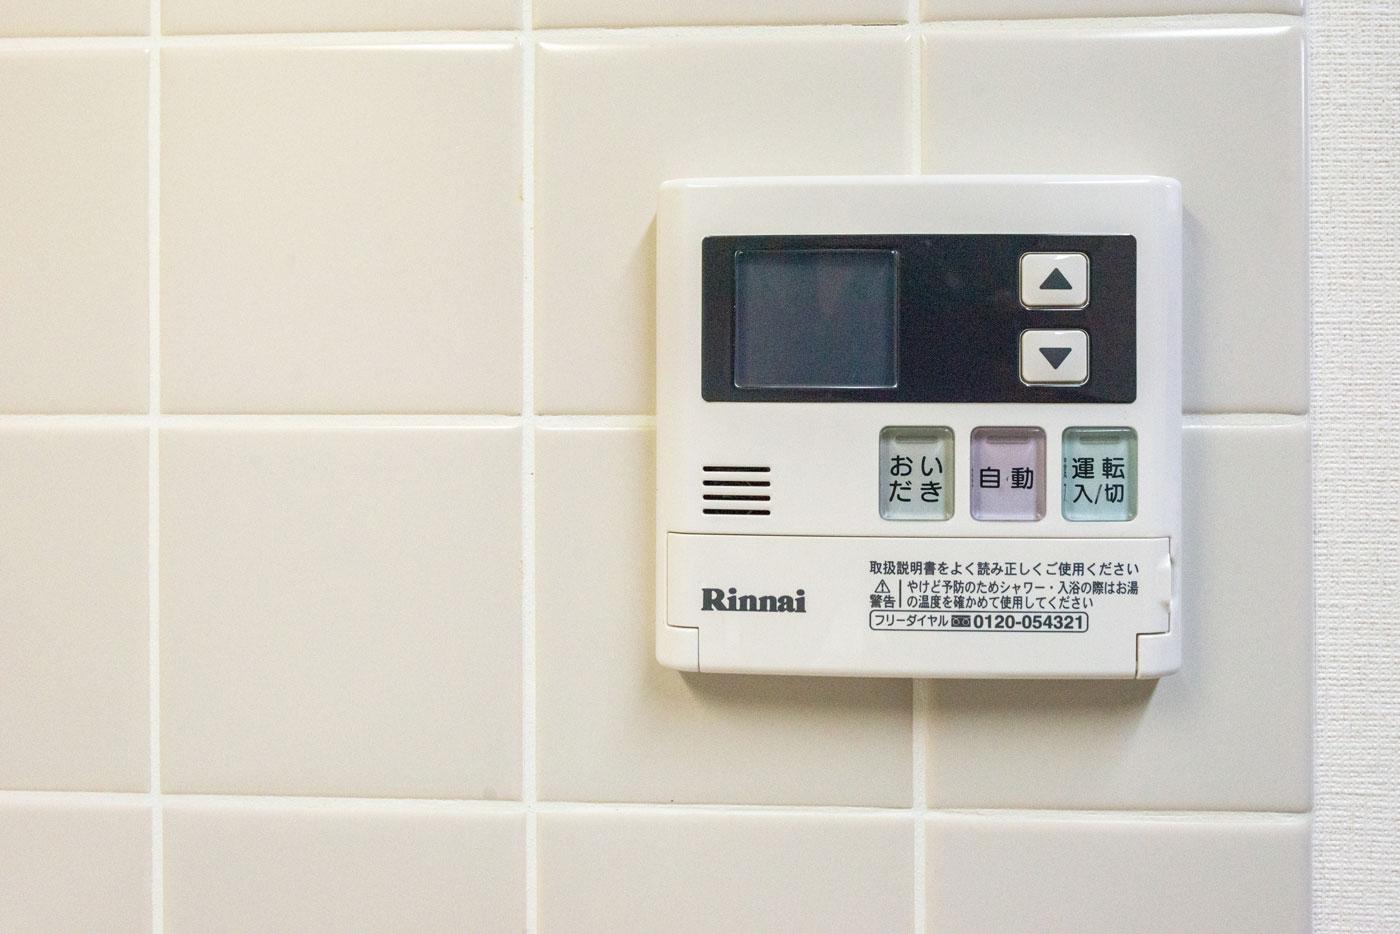 キッチンにある浴室コントローラー